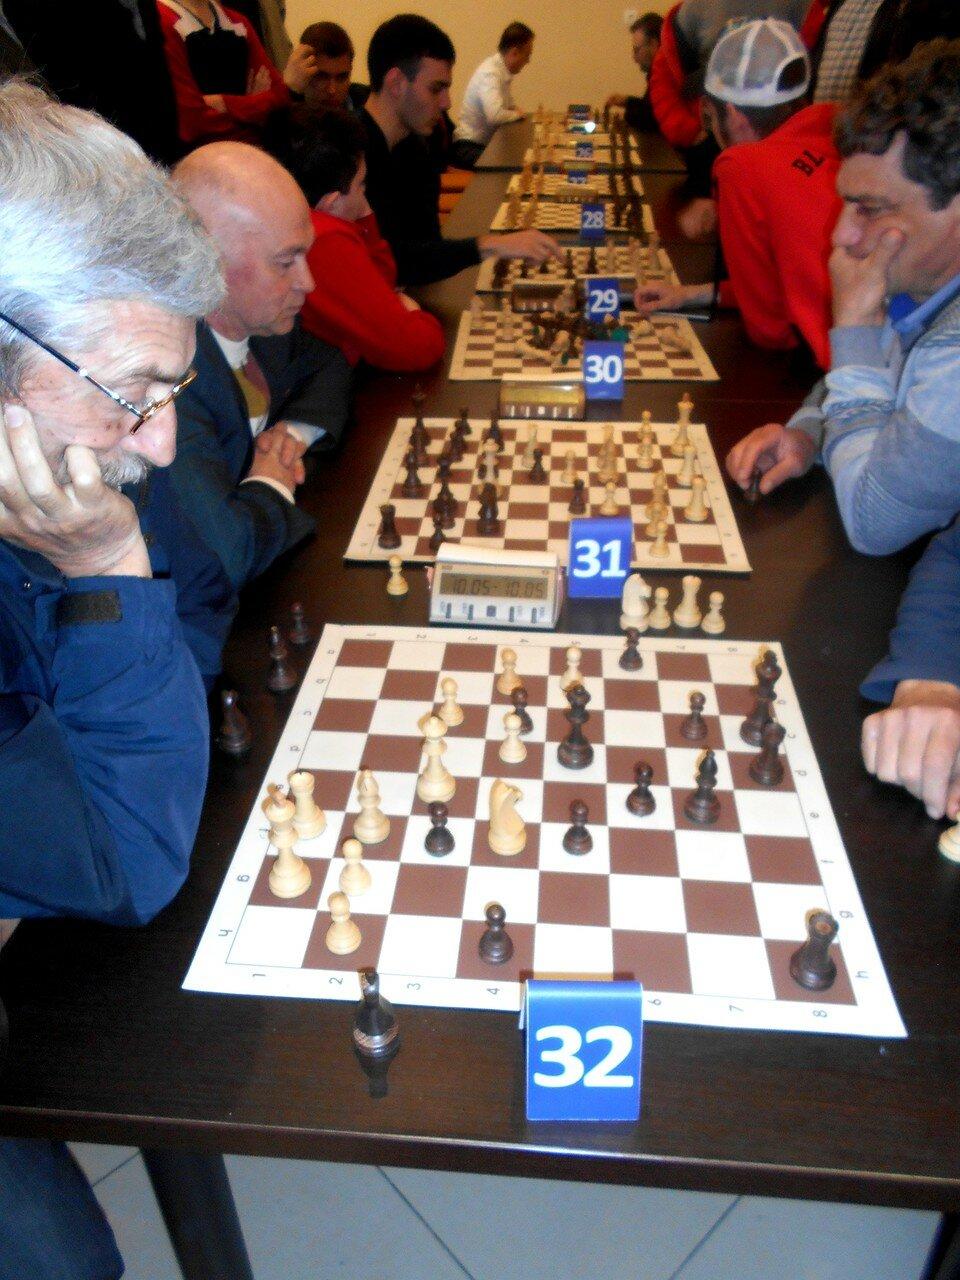 На досках шахматных ... DSCN1821.JPG